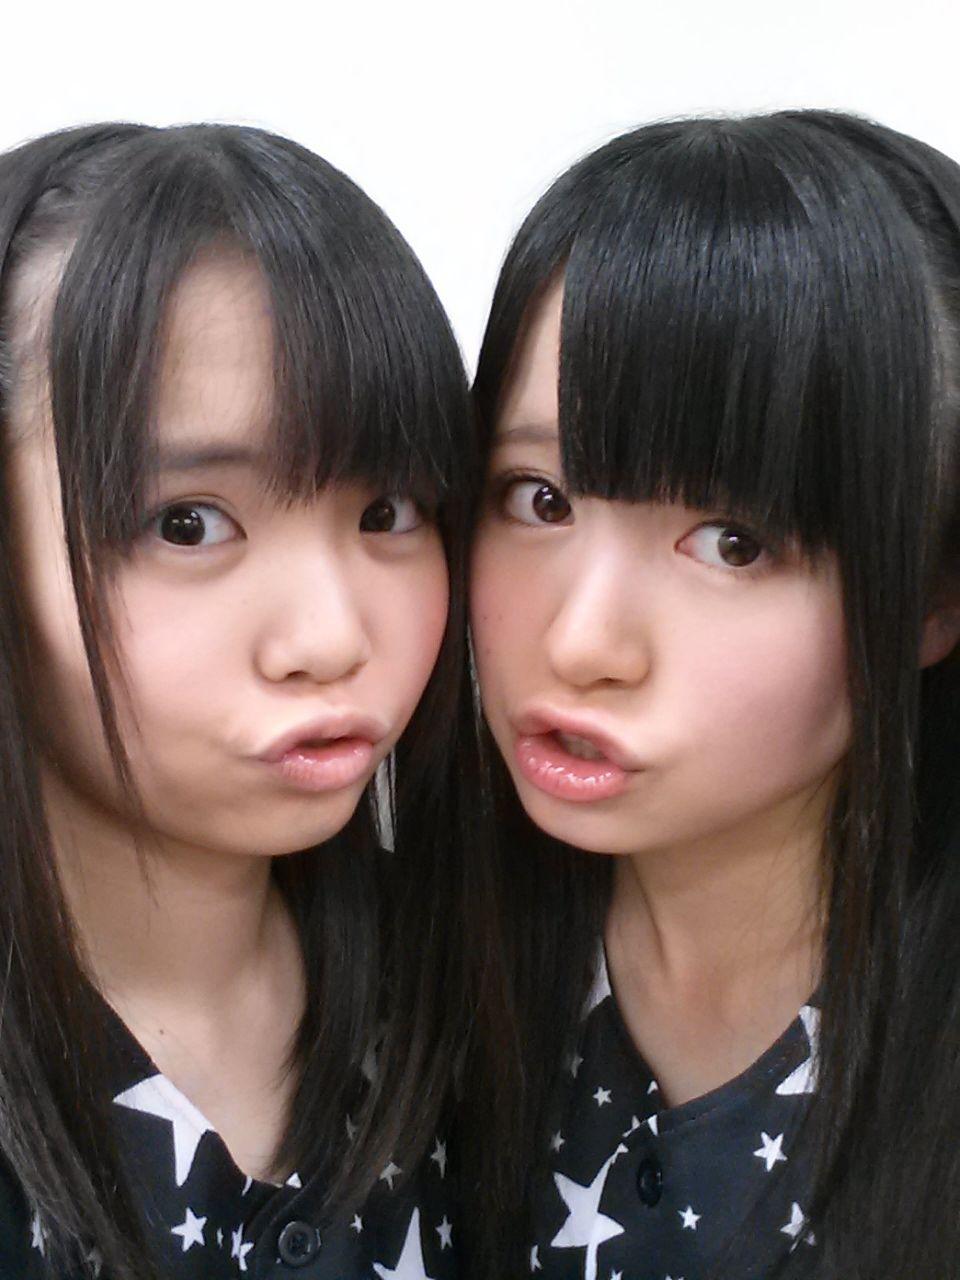 http://livedoor.blogimg.jp/otohaeika/imgs/8/d/8d2c364d.jpg